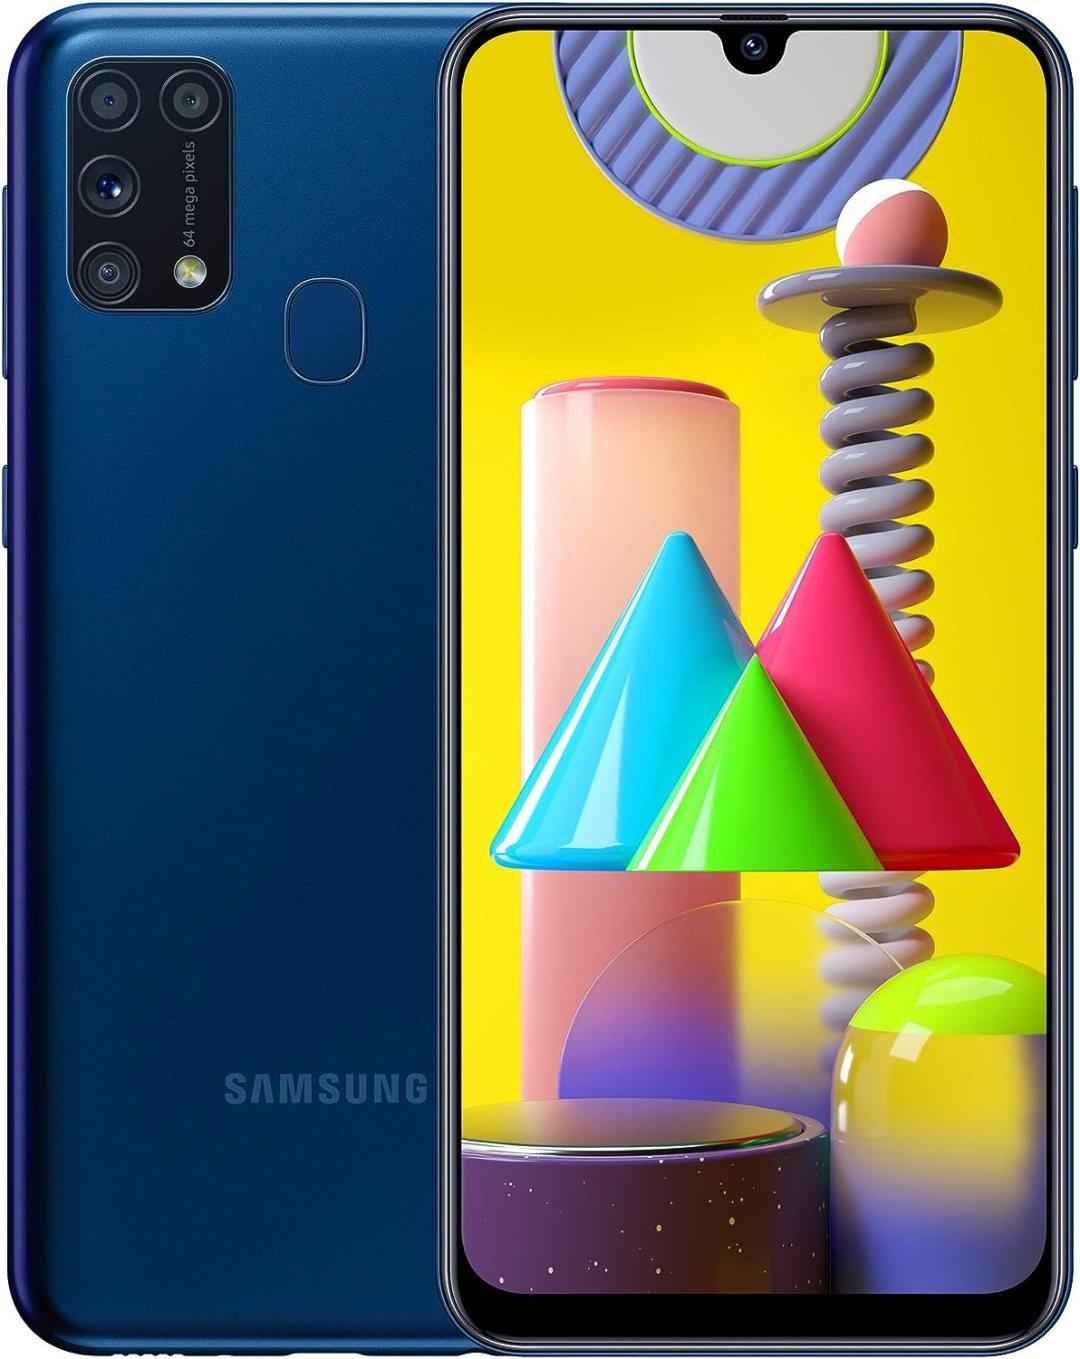 Samsung Galaxy M31 - Smartphone Portable débloqué 4G (Ecran 6,4 pouces - 64 Go - Double Nano-SIM - Android) - Version Française - Bleu